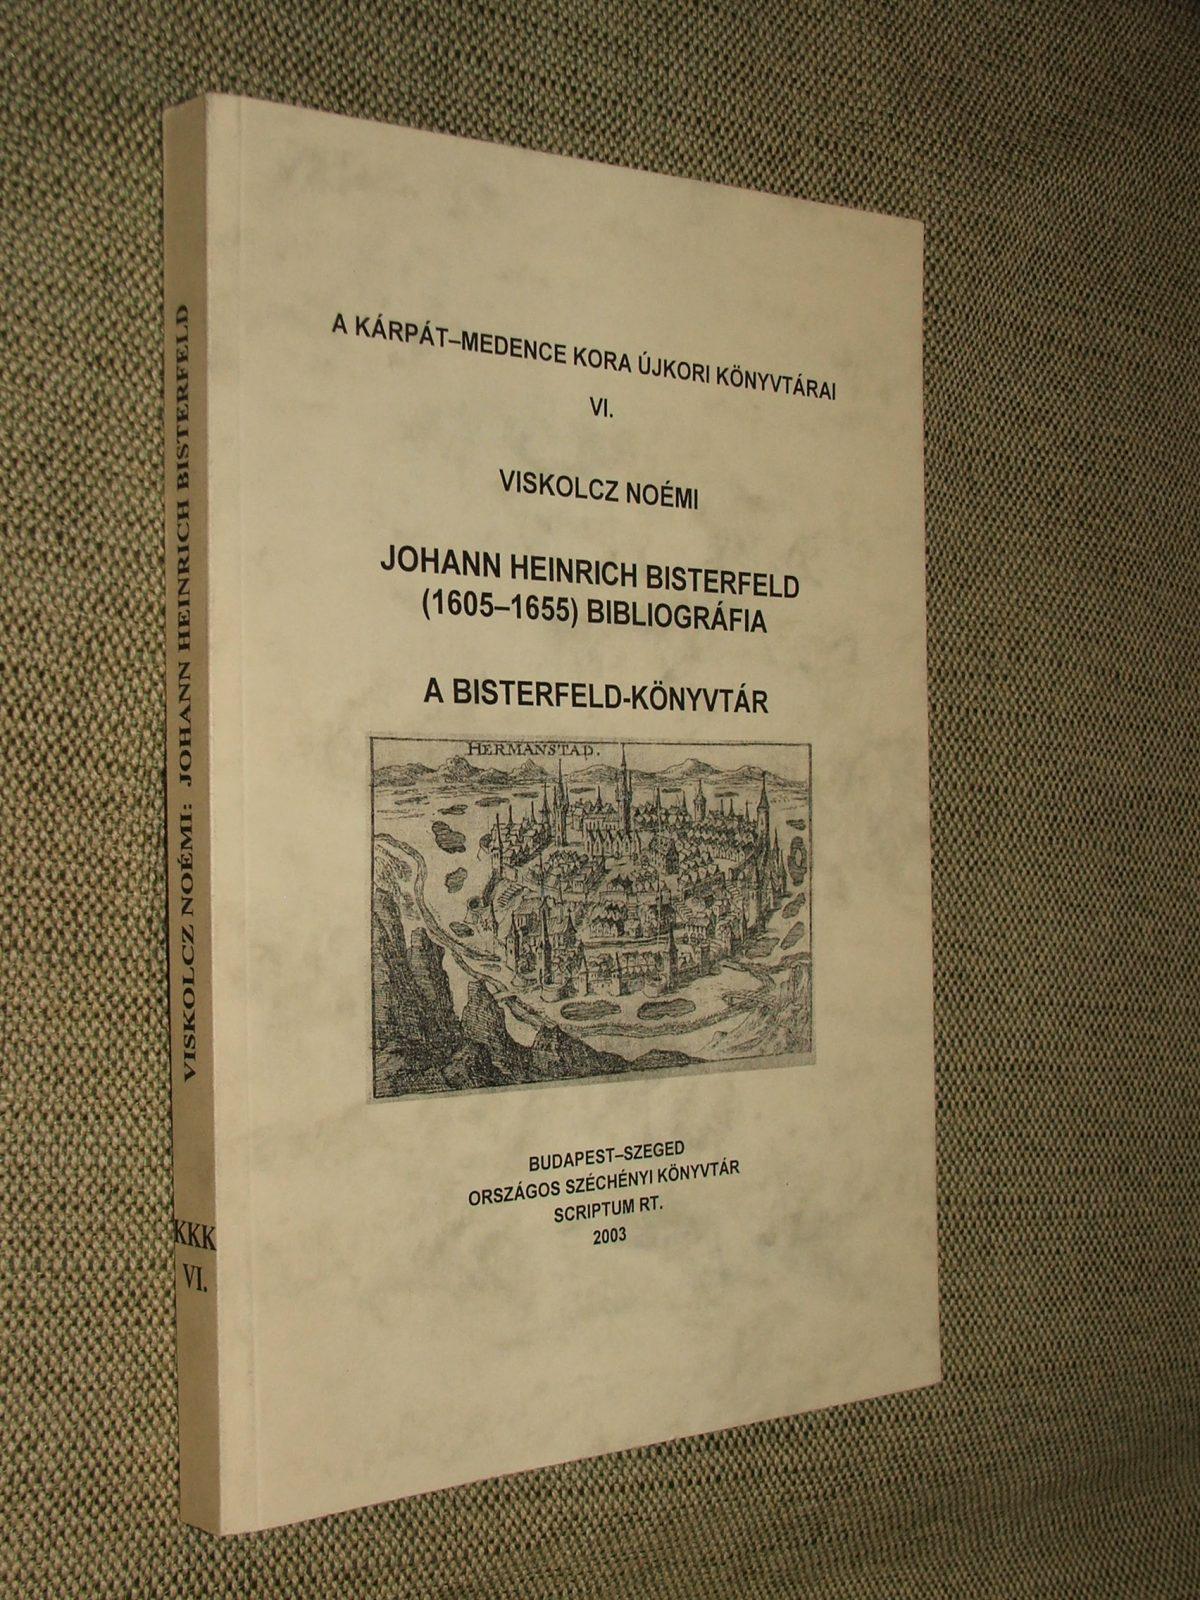 VISKOLCZ Noémi: Johann Heinrich Bisterfeld (1605-1655) bibliográfia A Bisterfeld-könyvtár